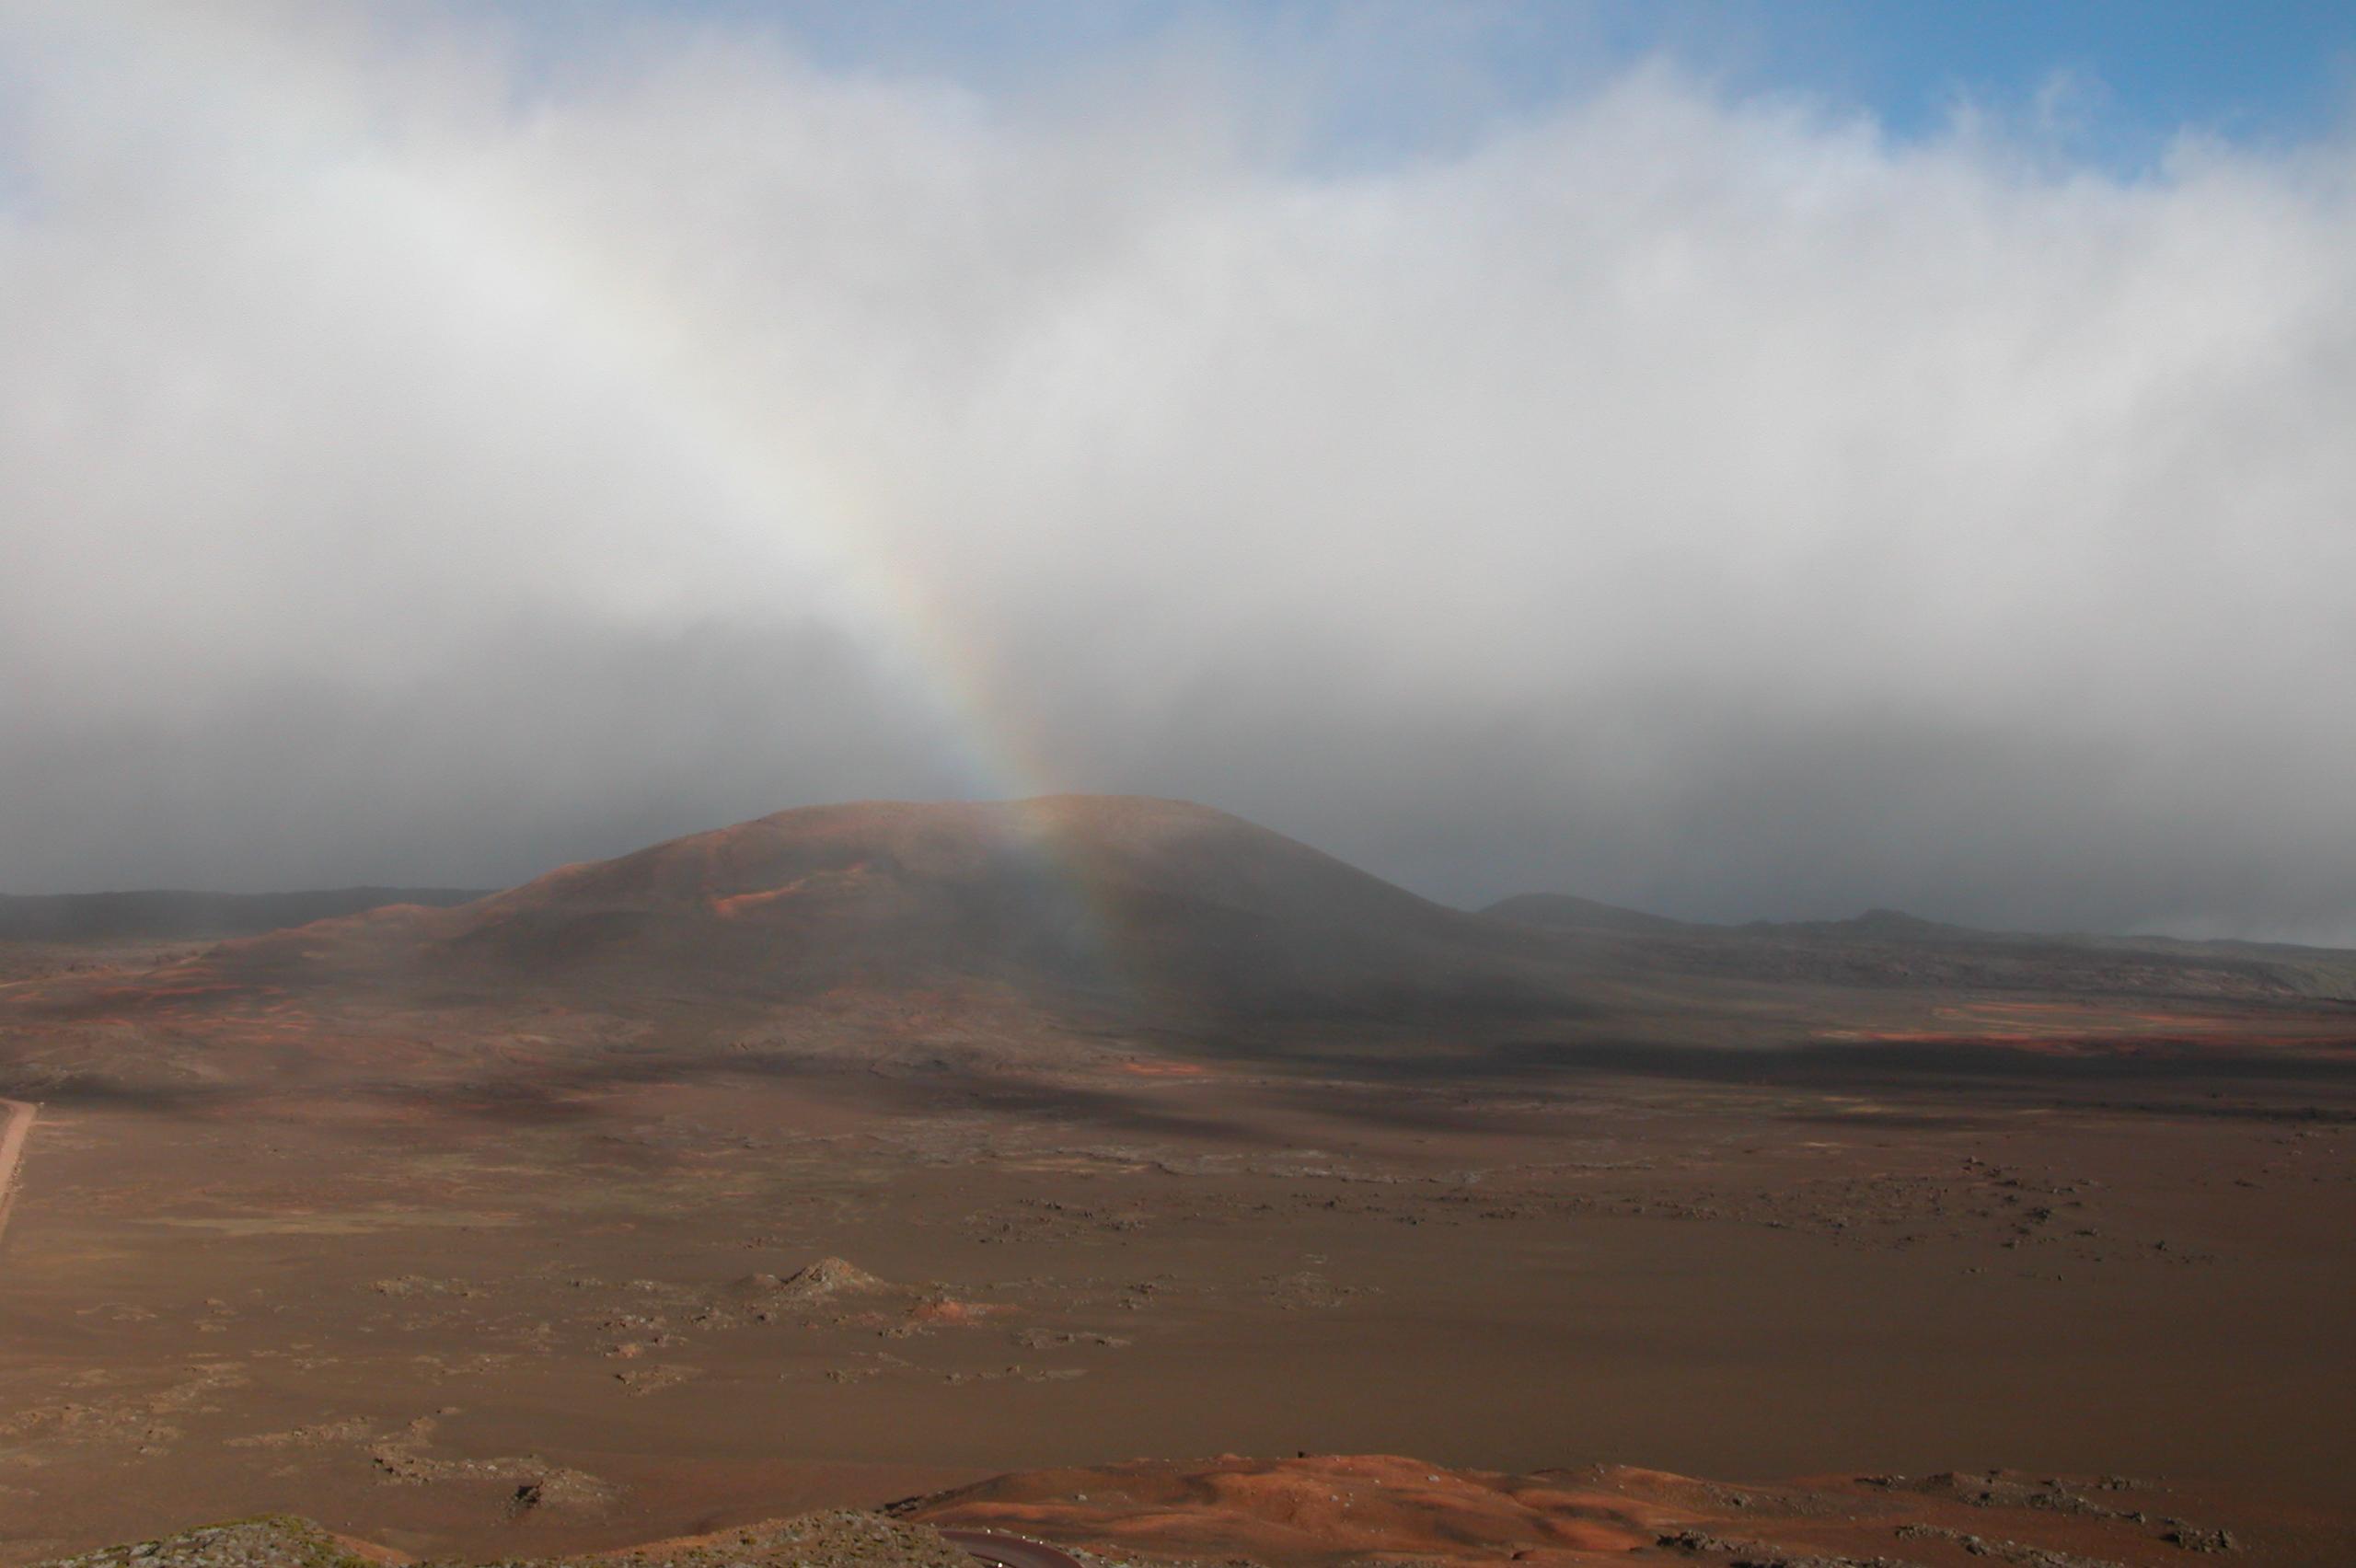 Randonnée à La Réunion : ÎLE DE LA RÉUNION - Itinérant 15 jours